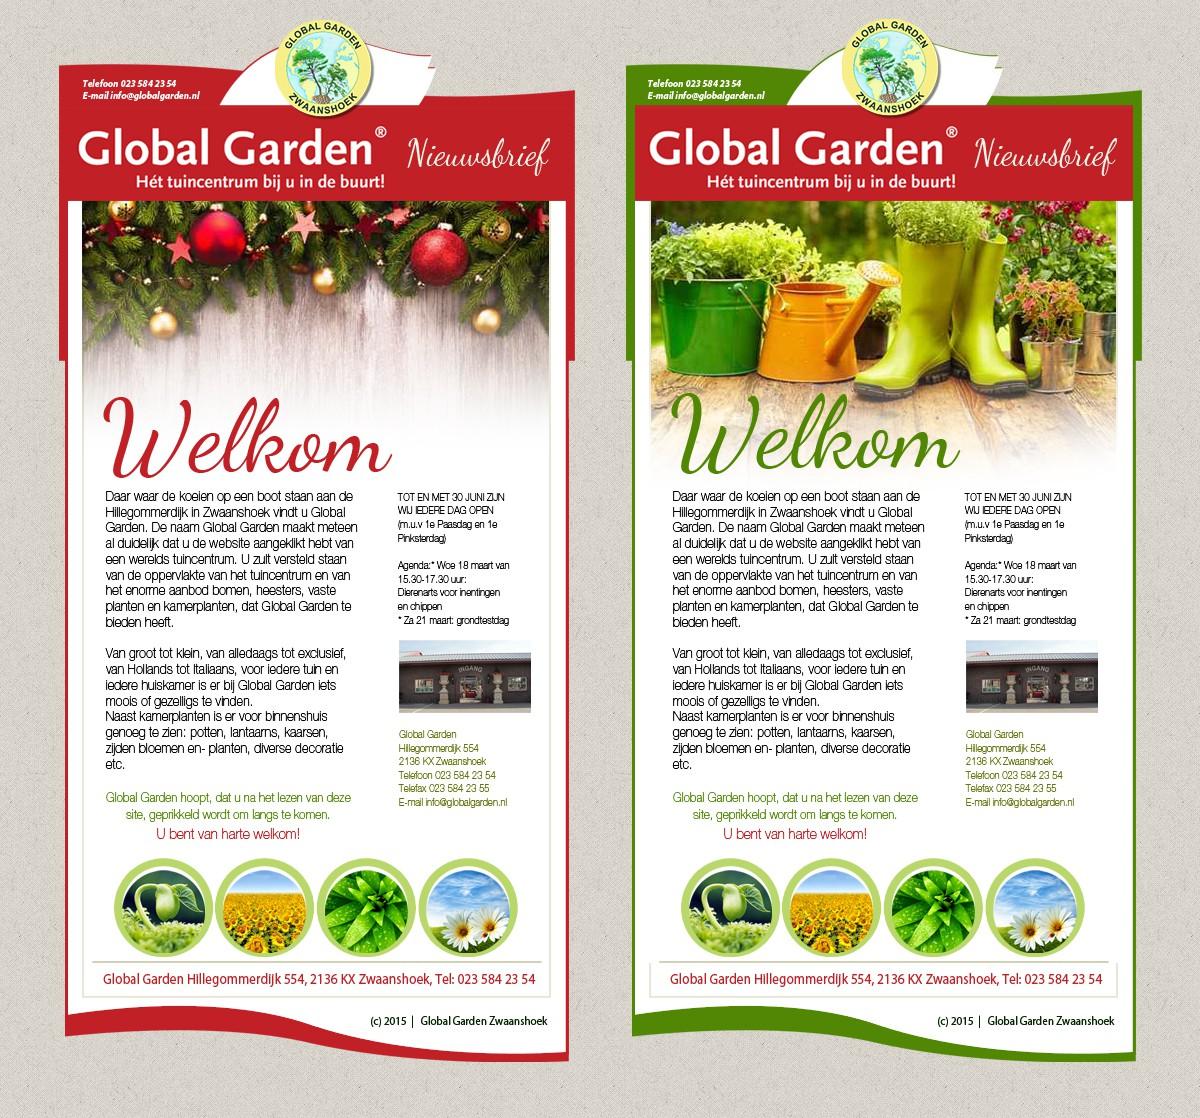 Global Garden newsletter redesign